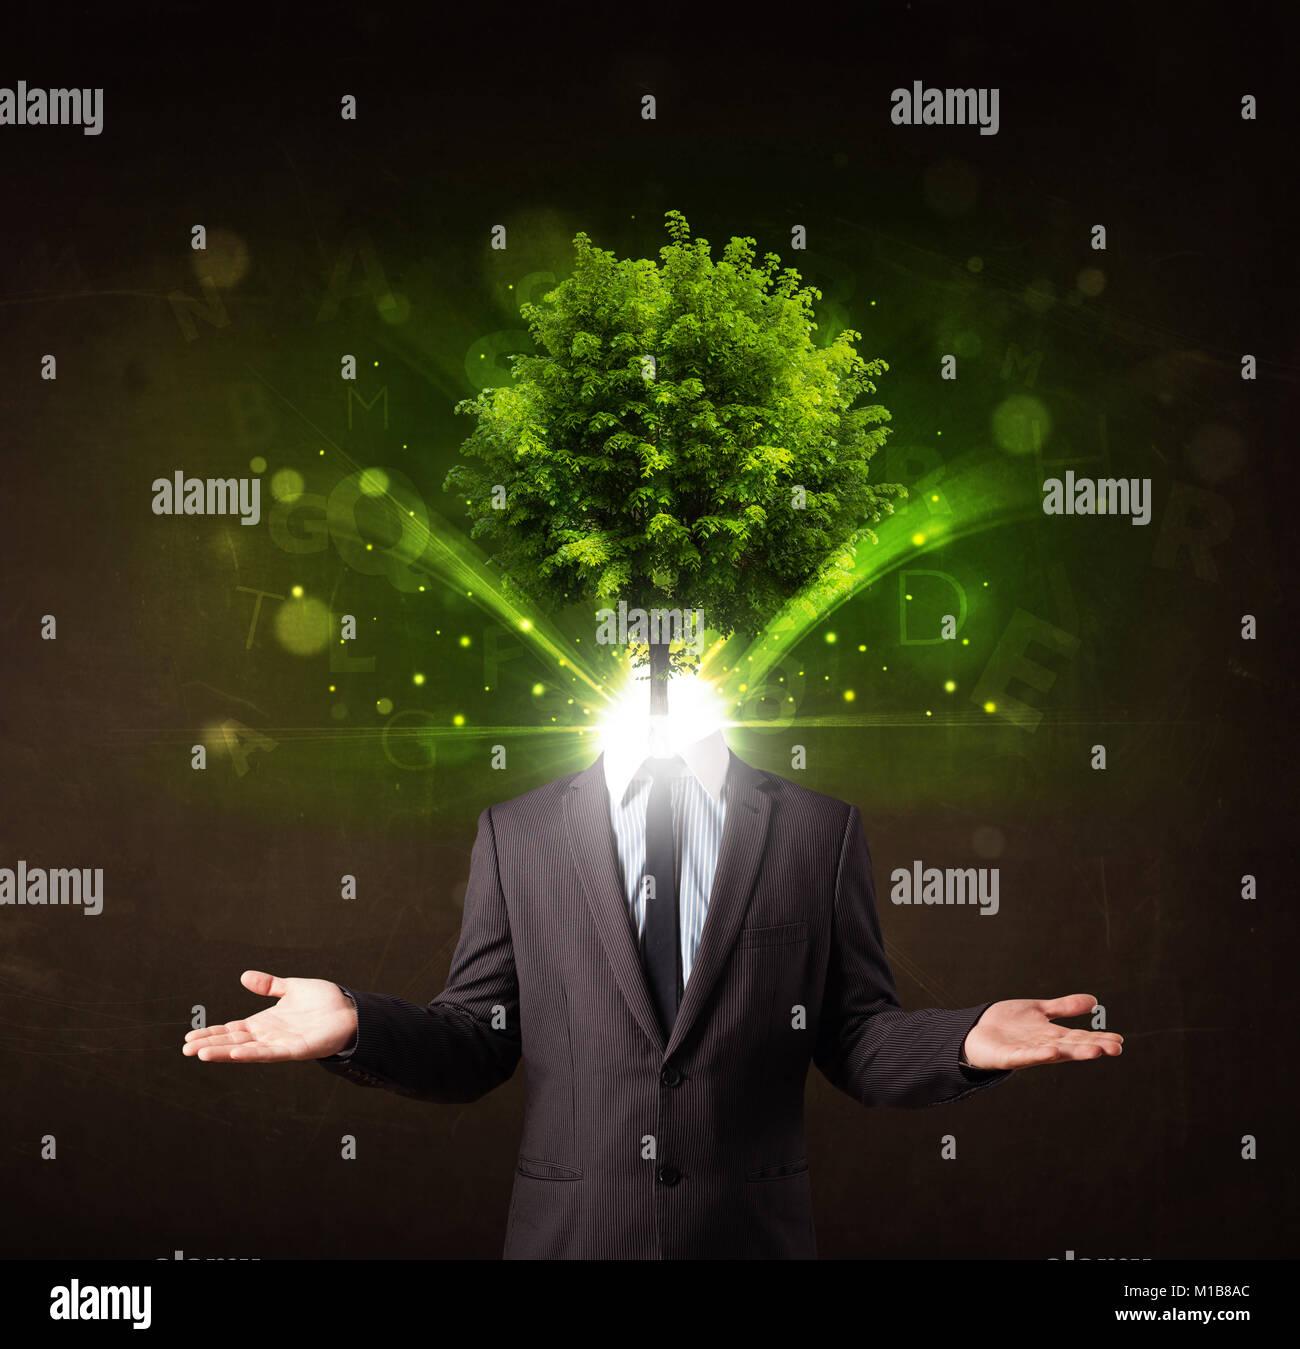 Homme à la tête de l'arbre vert concept sur fond brun Photo Stock